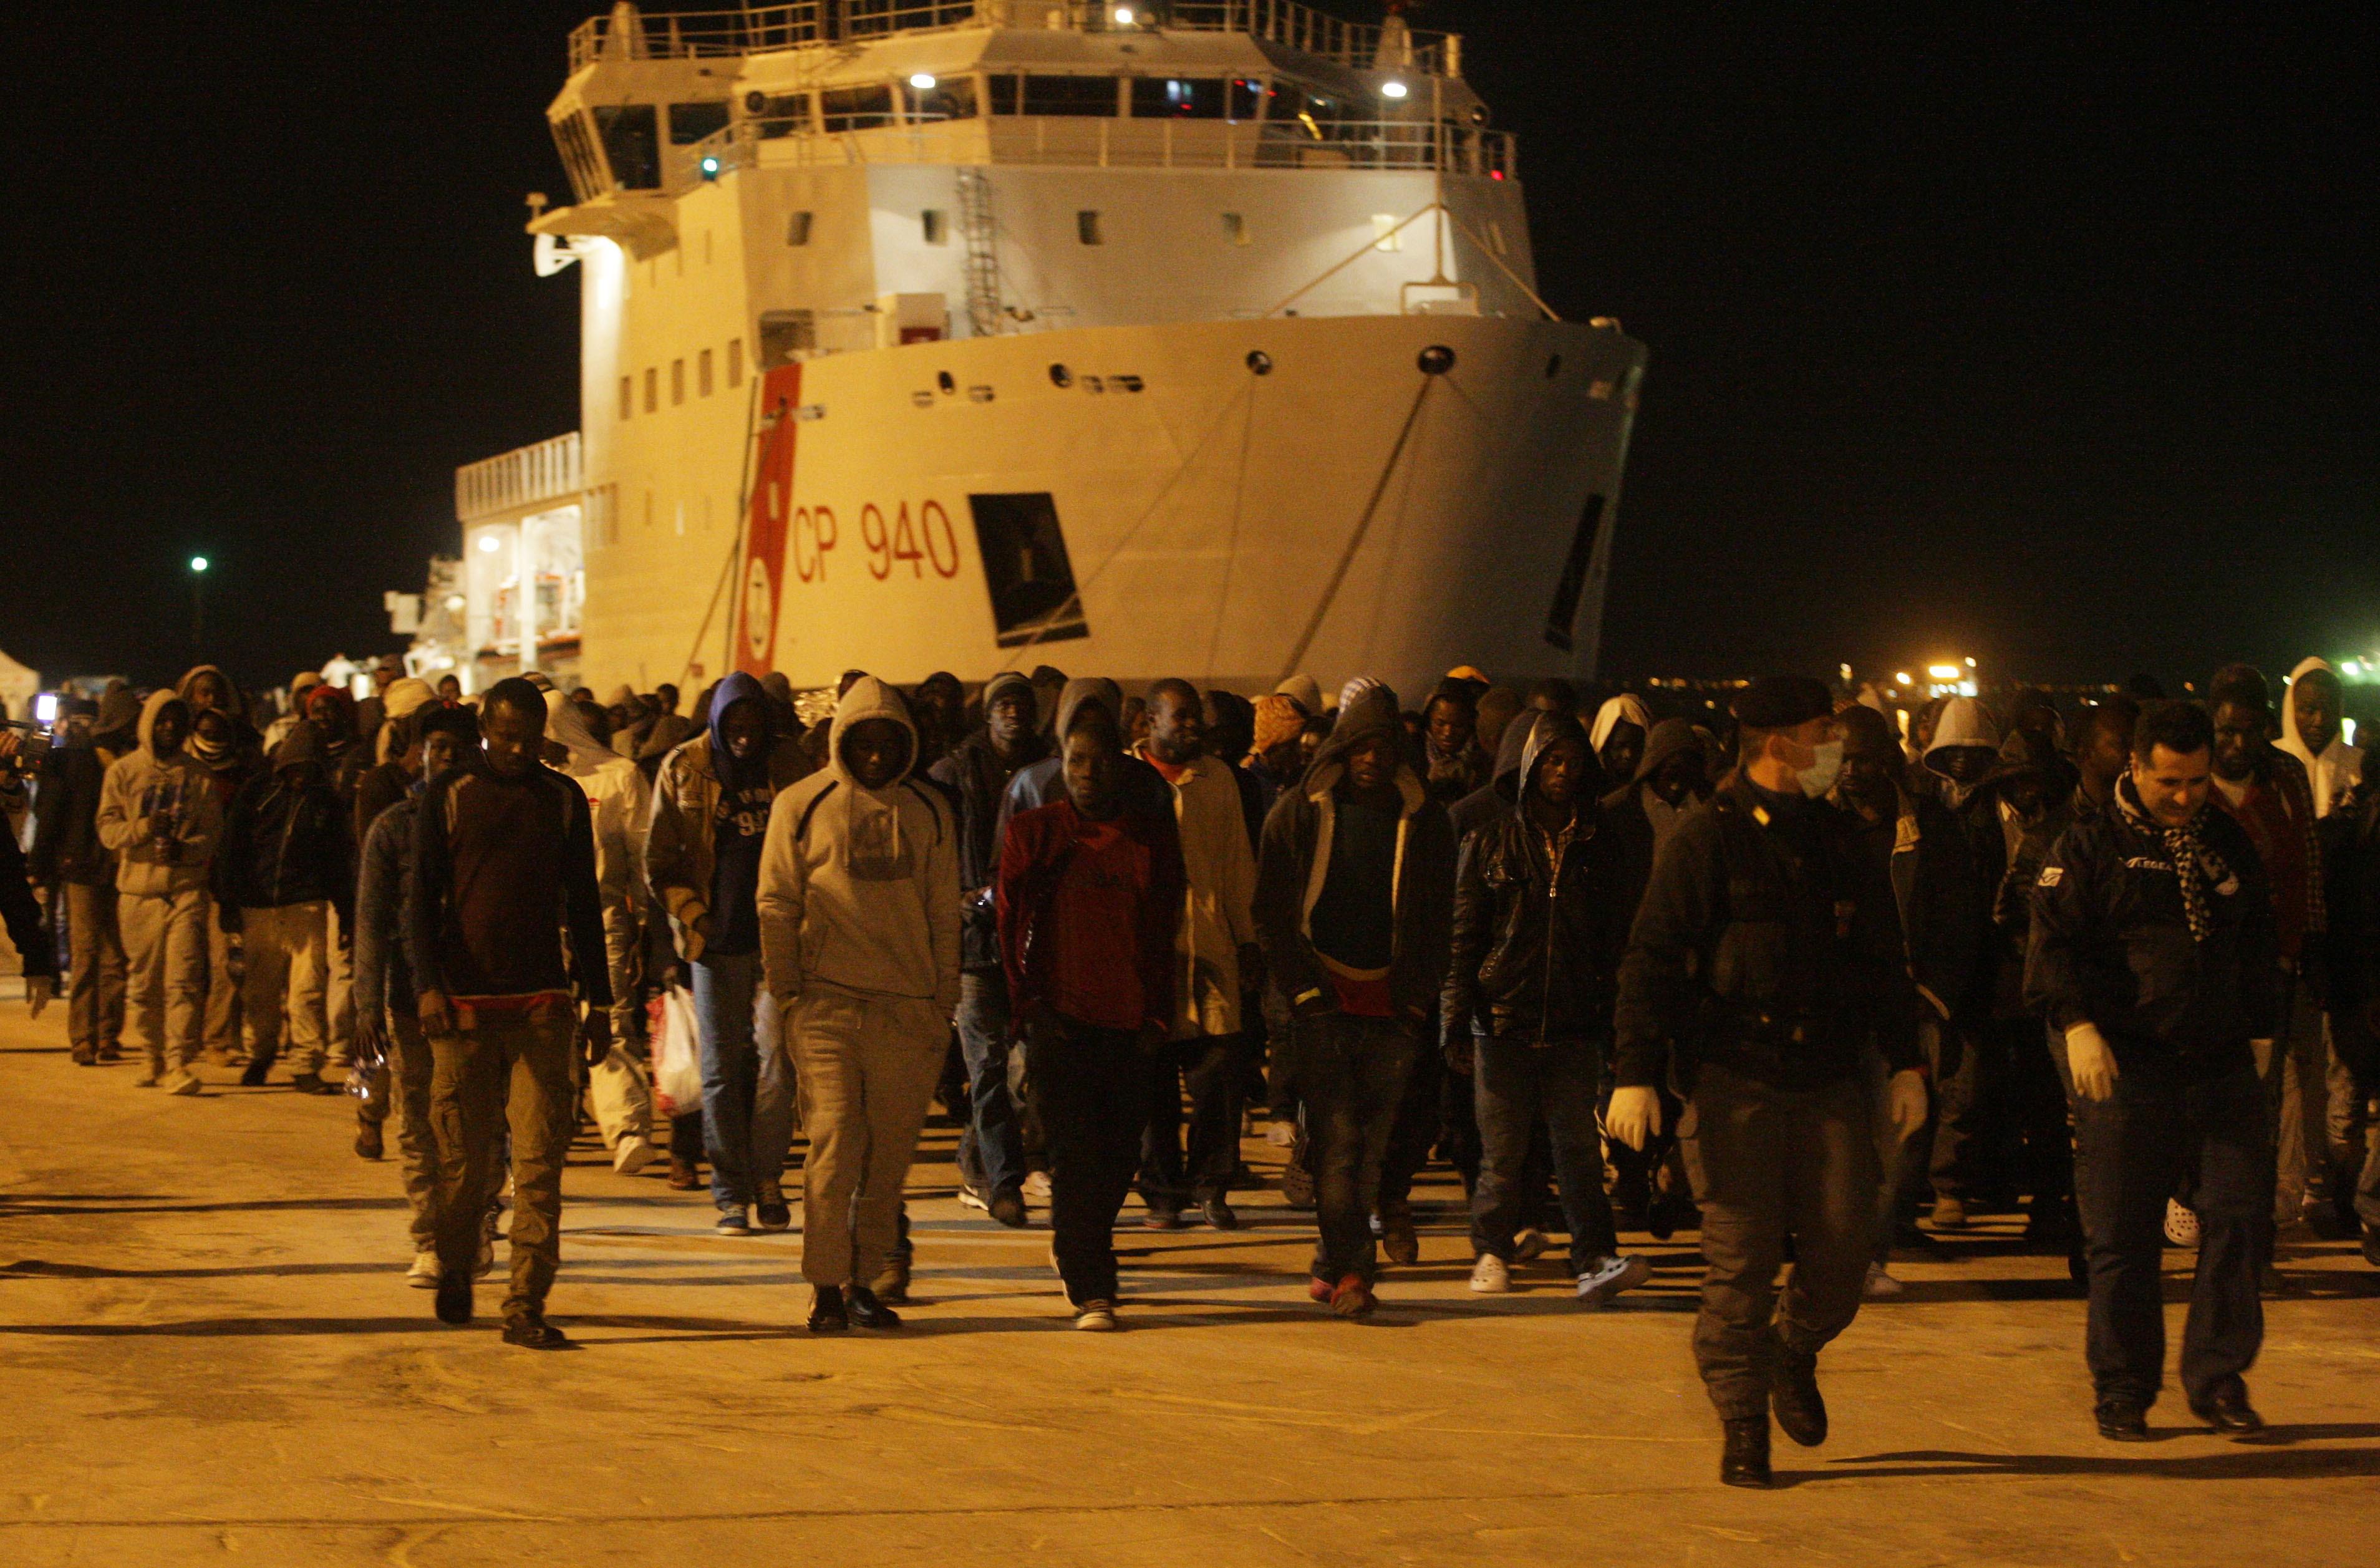 Italien: Deutliche Zunahme an Flüchtlingen nach Schließung der Balkanroute